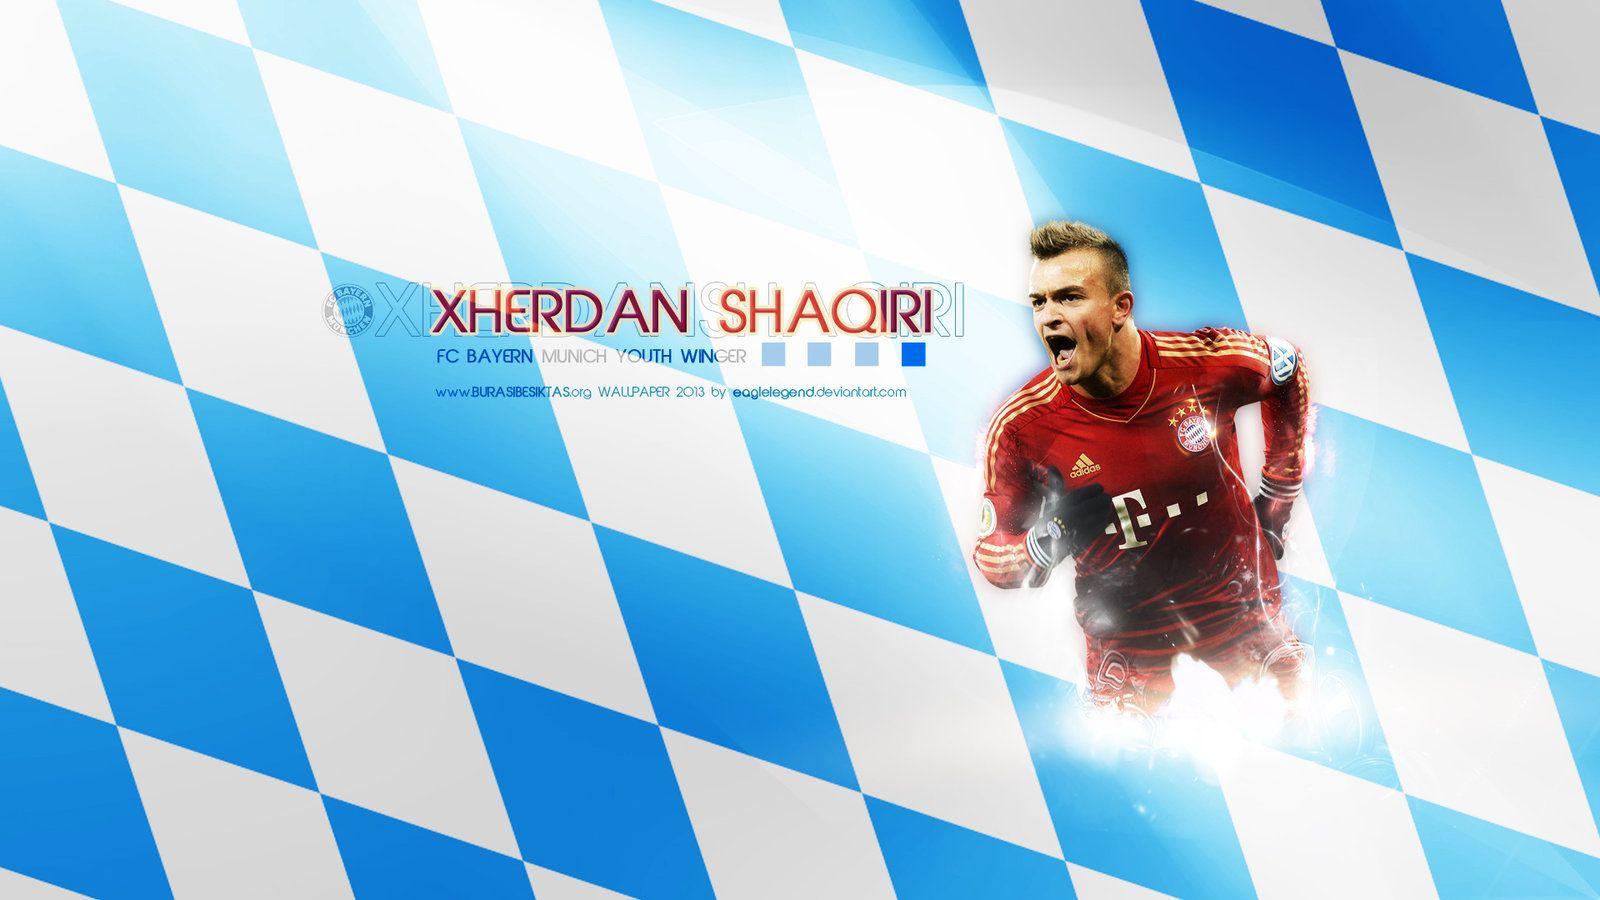 Xherdan Shaqiri Wallpaper By Eaglelegend.deviantart.com On